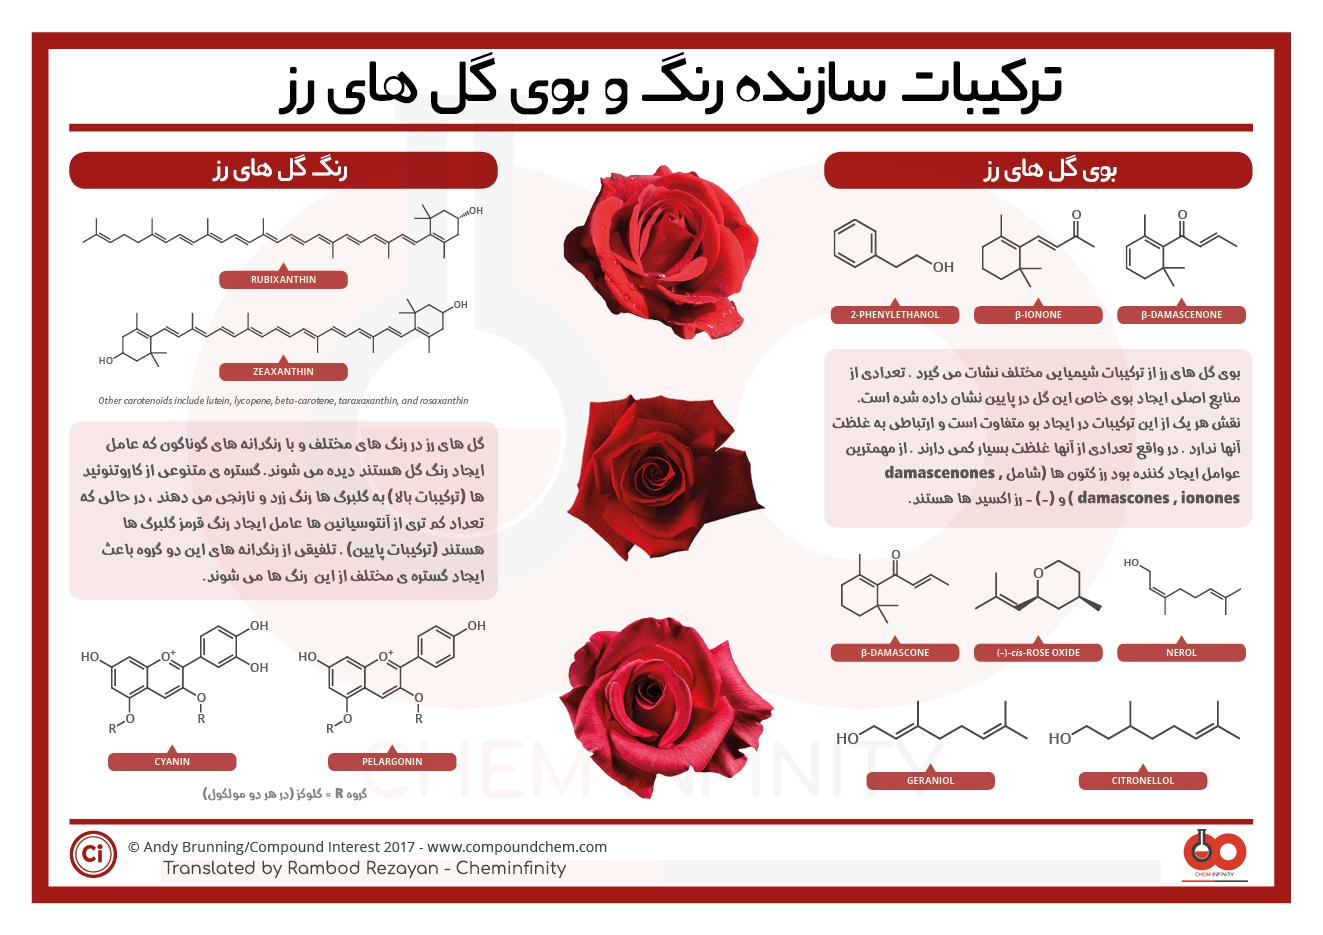 ترکیبات سازنده بو و رنگ گل رز